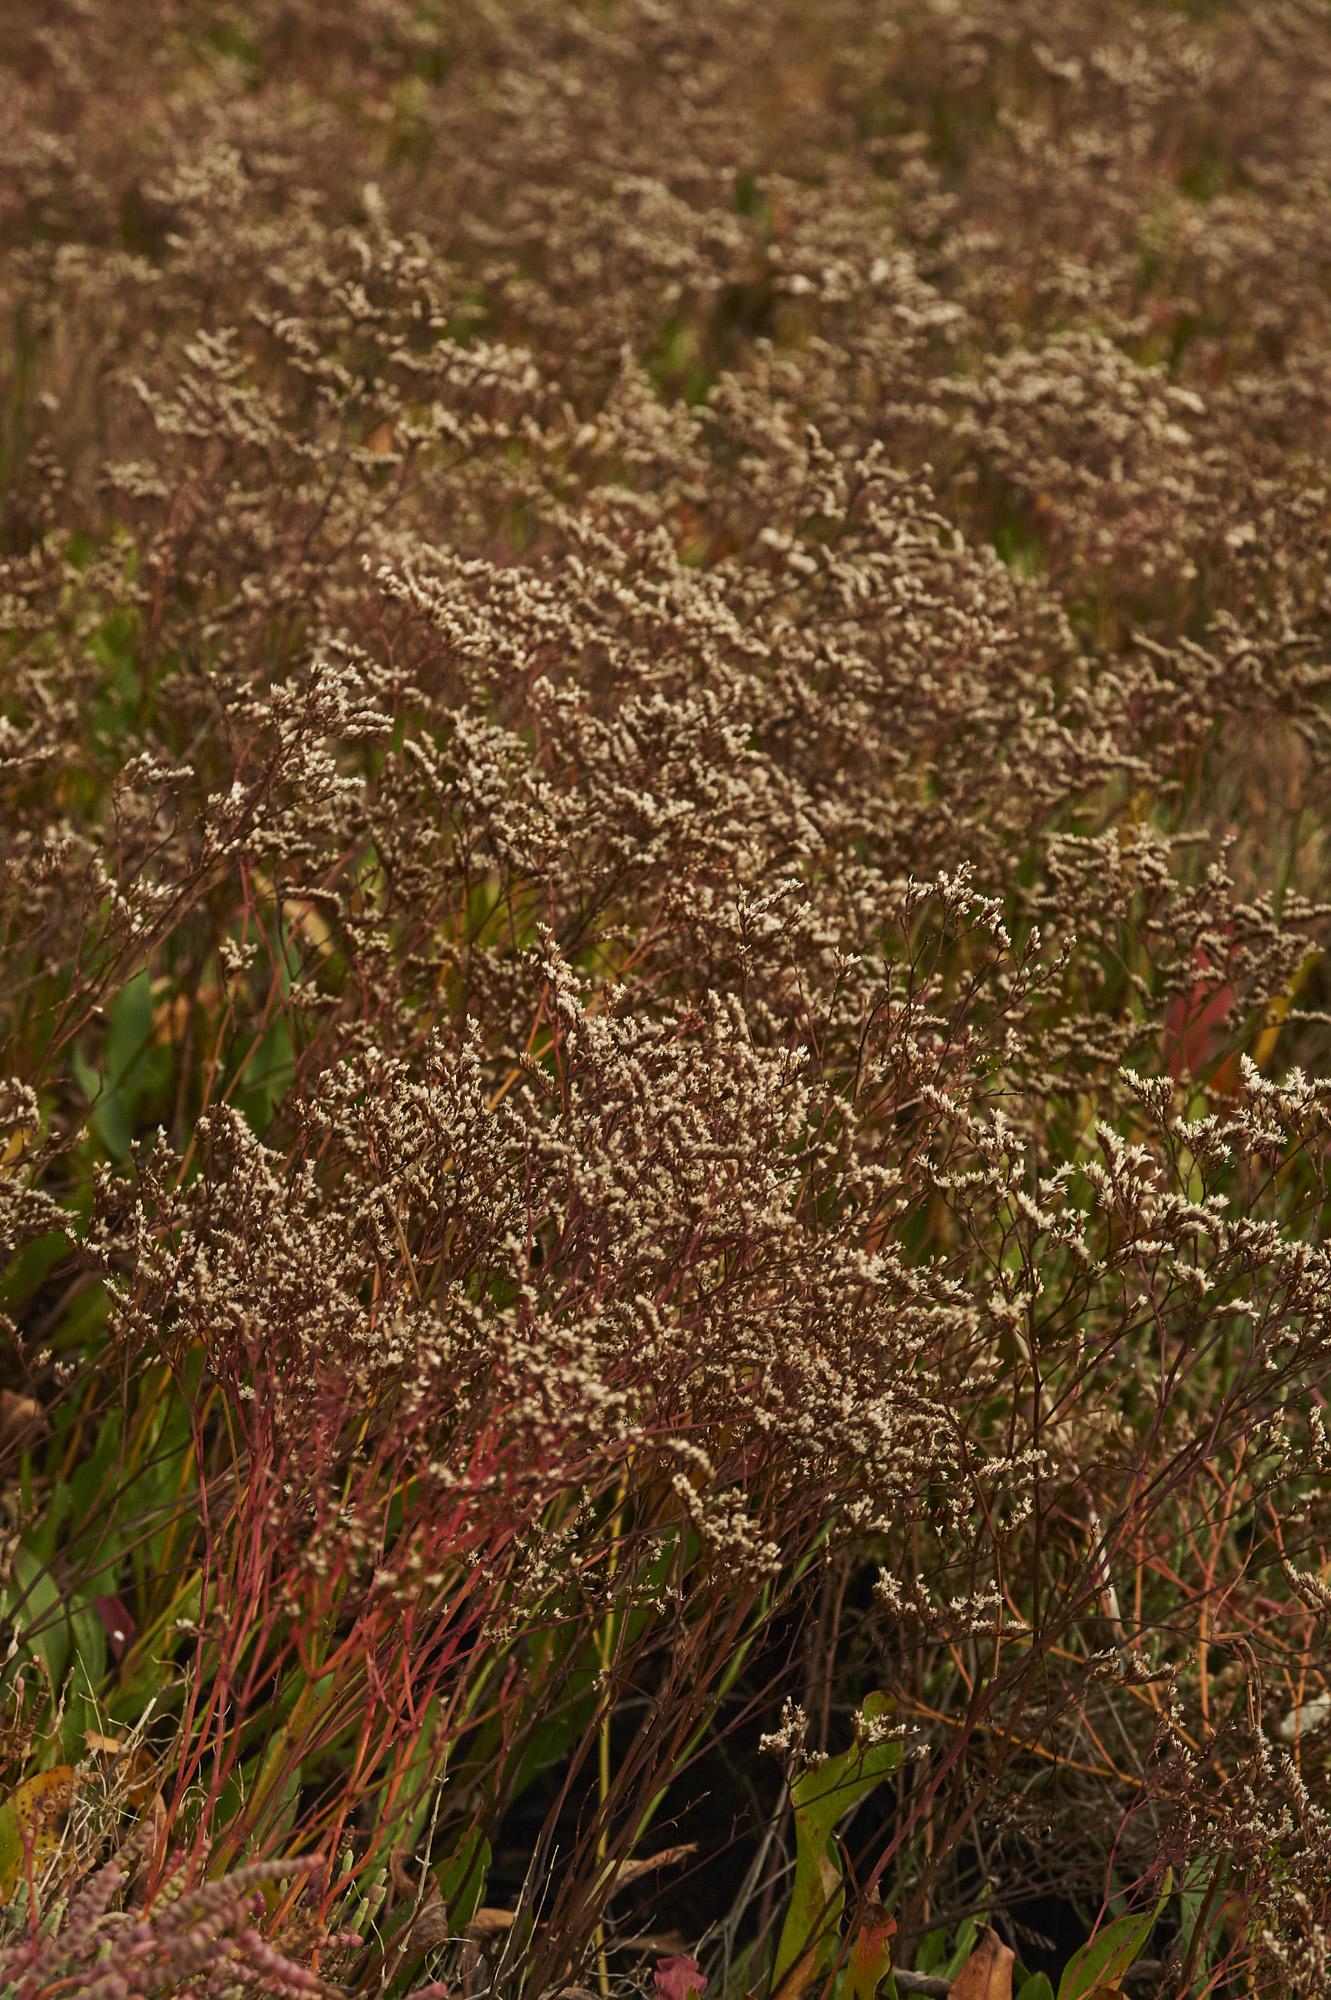 Limonium on autumn season